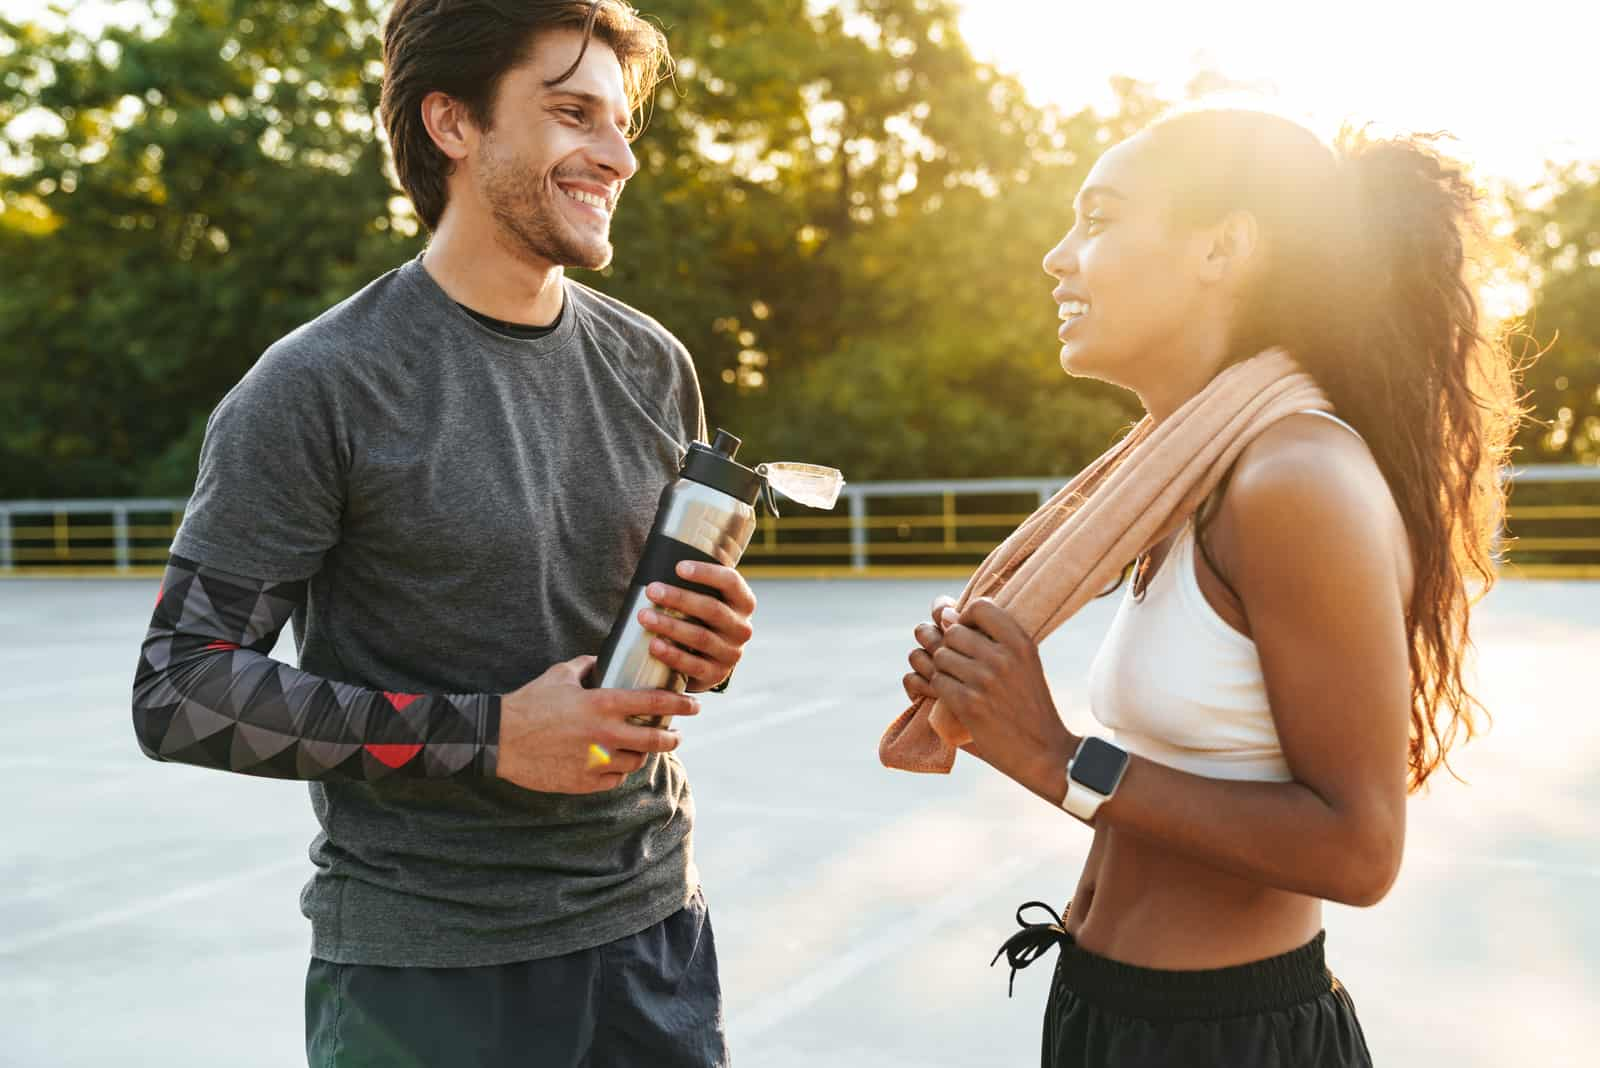 un homme et une femme se tiennent debout après l'entraînement et parlent